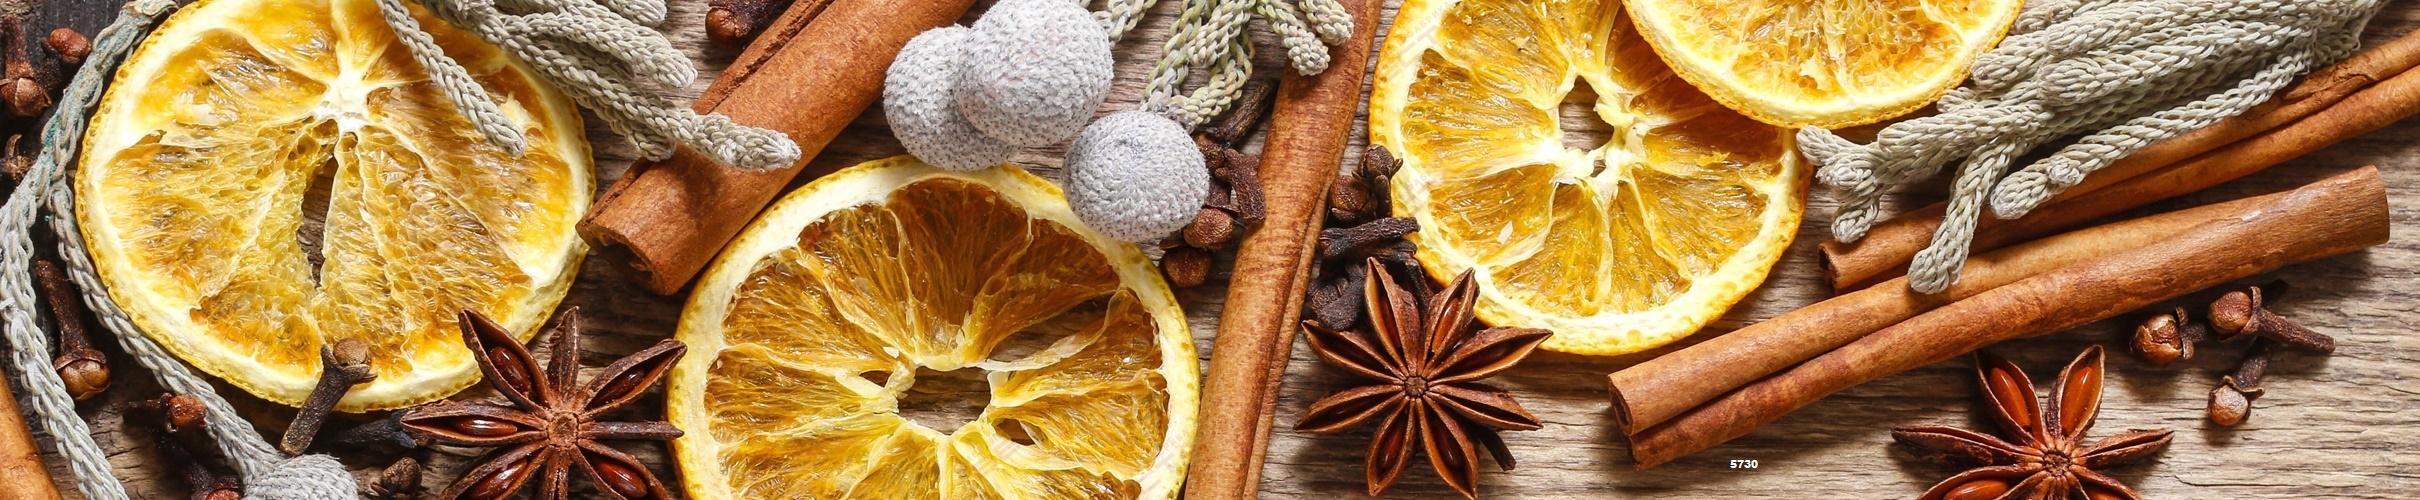 Фартуки Еда, напитки,фрукты,ягоды-24